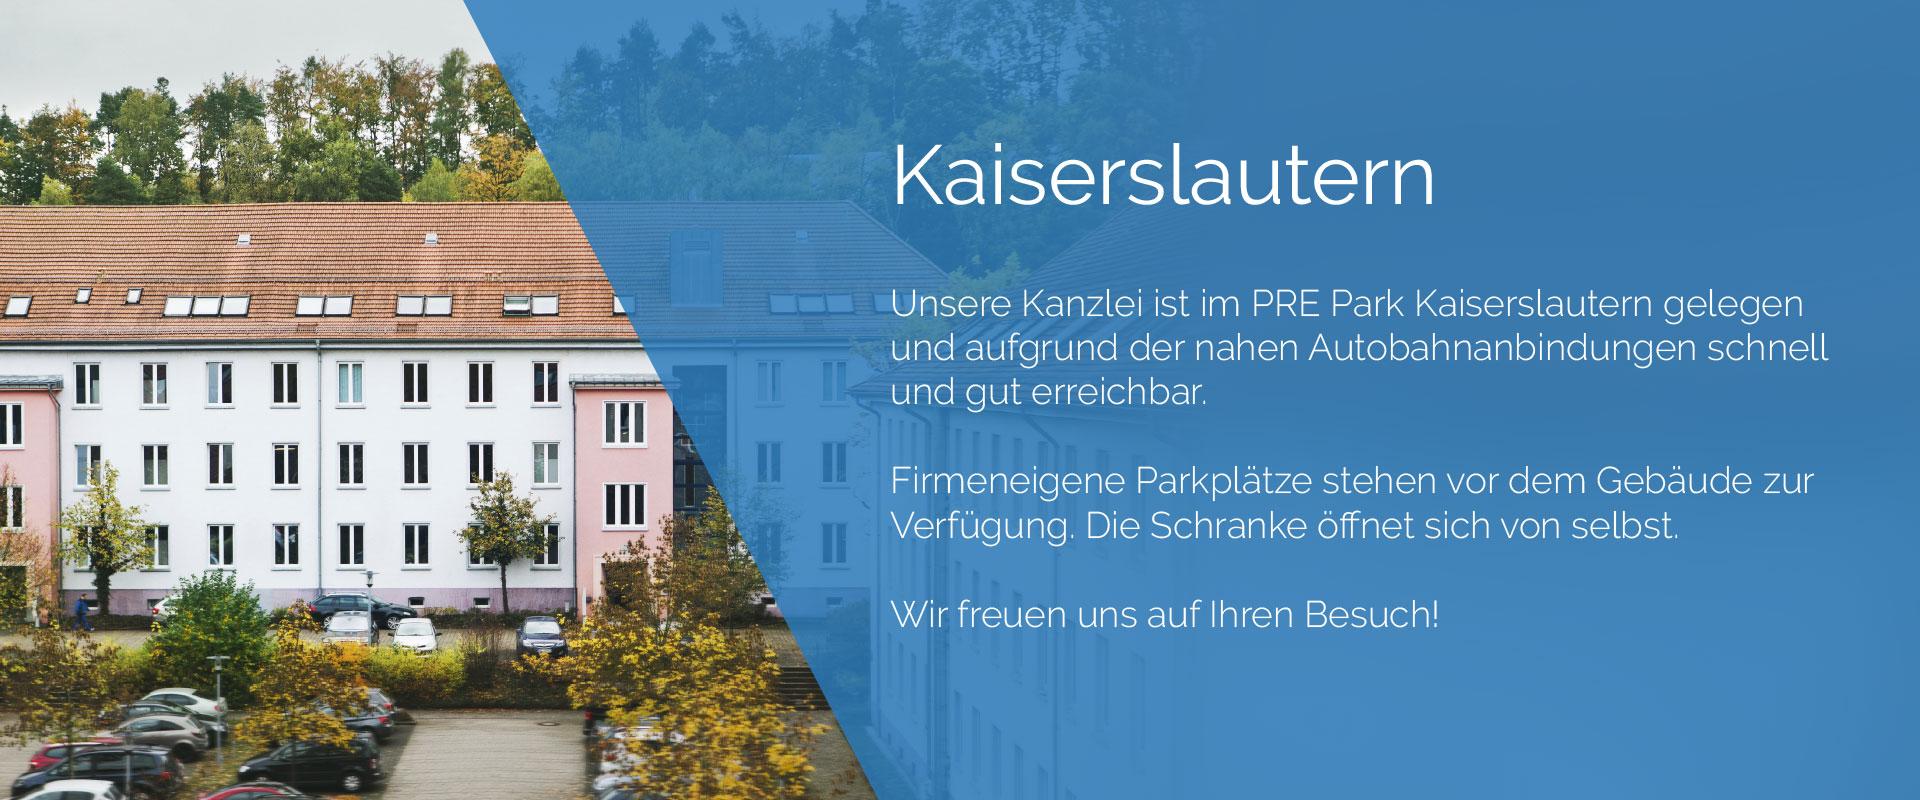 VHP-Kaiserslautern